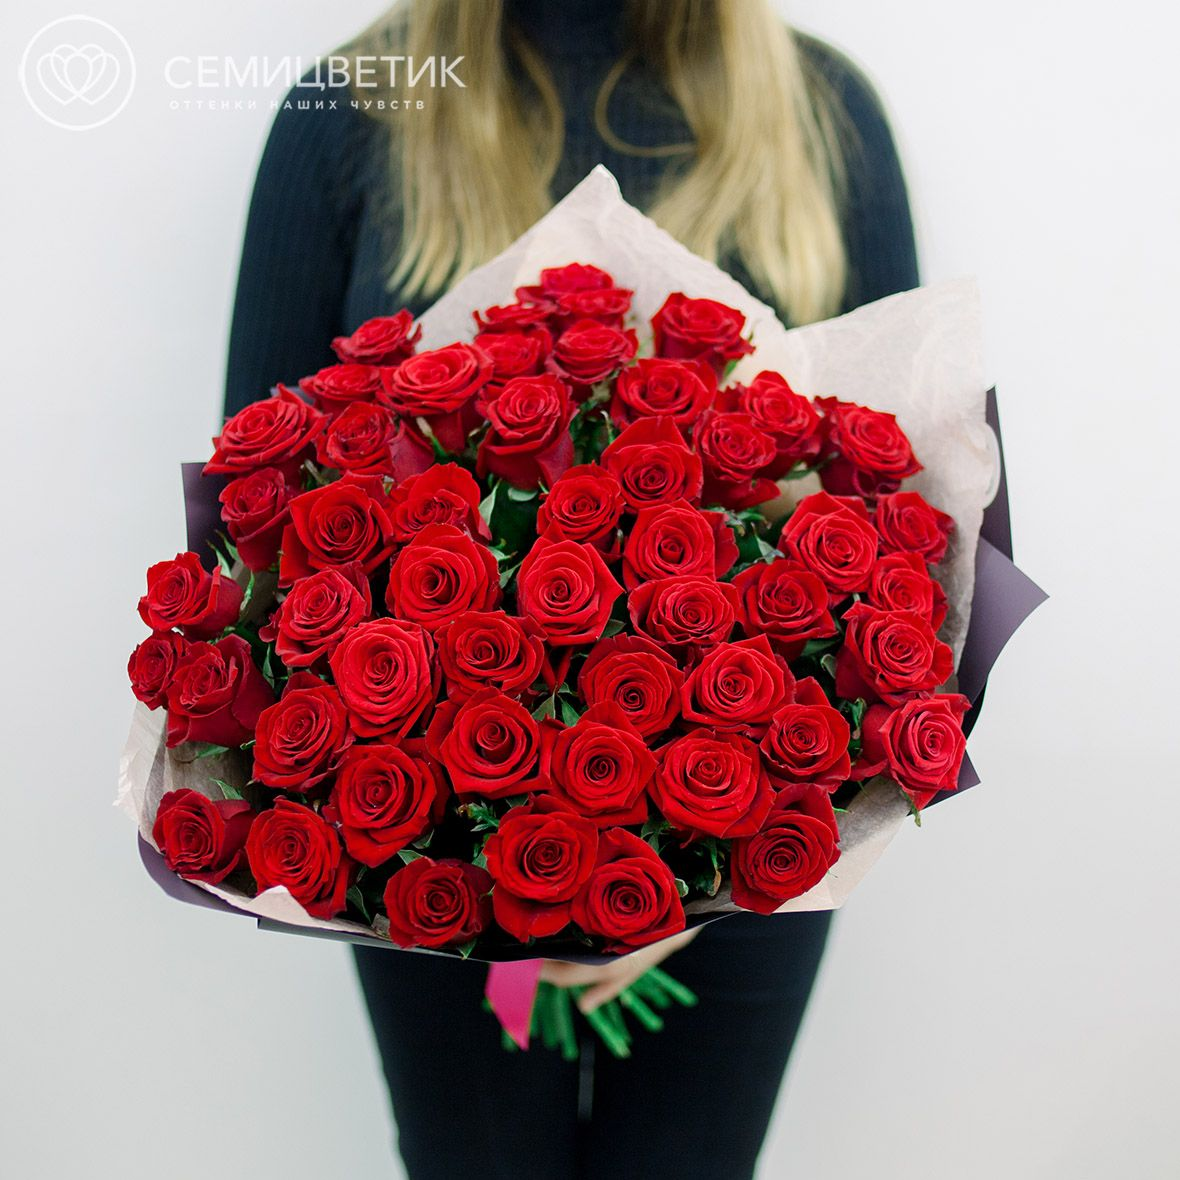 51 красная роза 50 см Престиж в дизайнерской упаковке фото